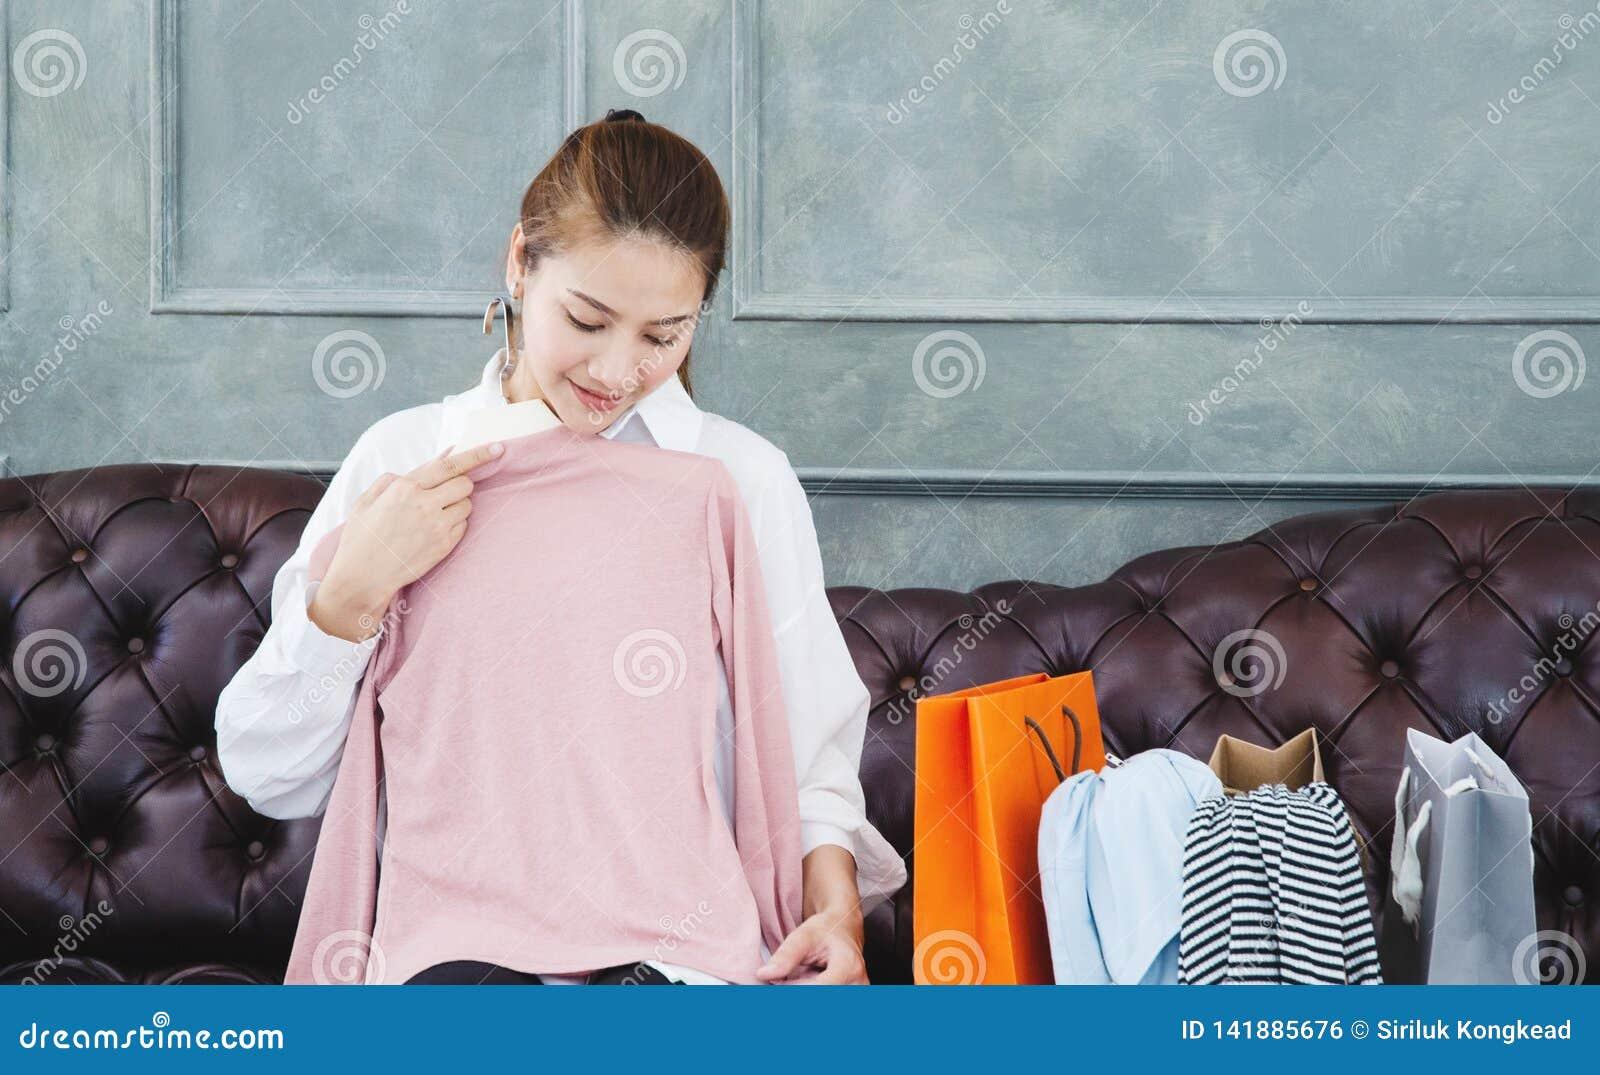 Женщина сидя на софе она держит розовую рубашку и усмехается